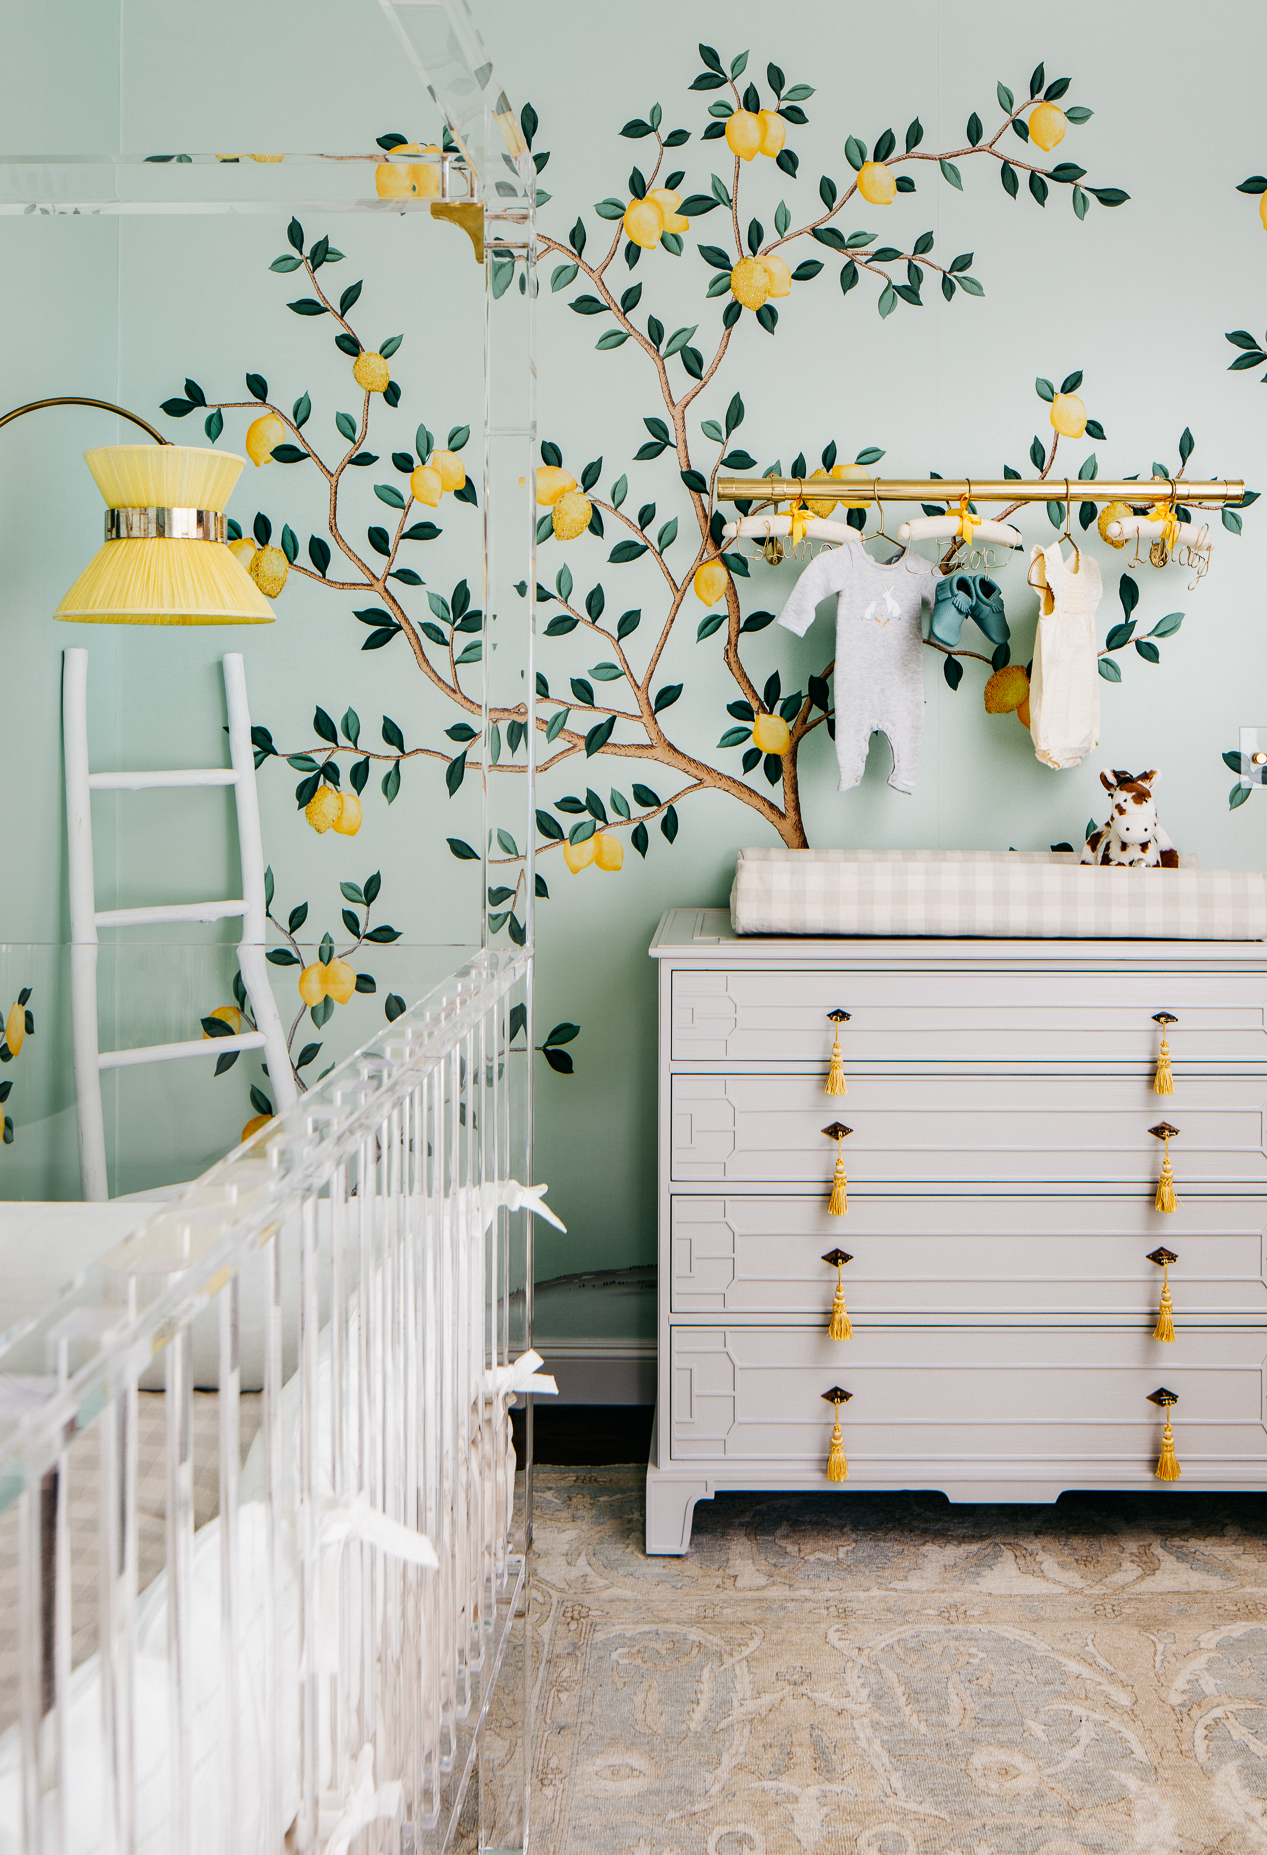 No clima mais neutro, o verde e amarelo podem ser usados como nesta decoração incrível baseada no limoeiro